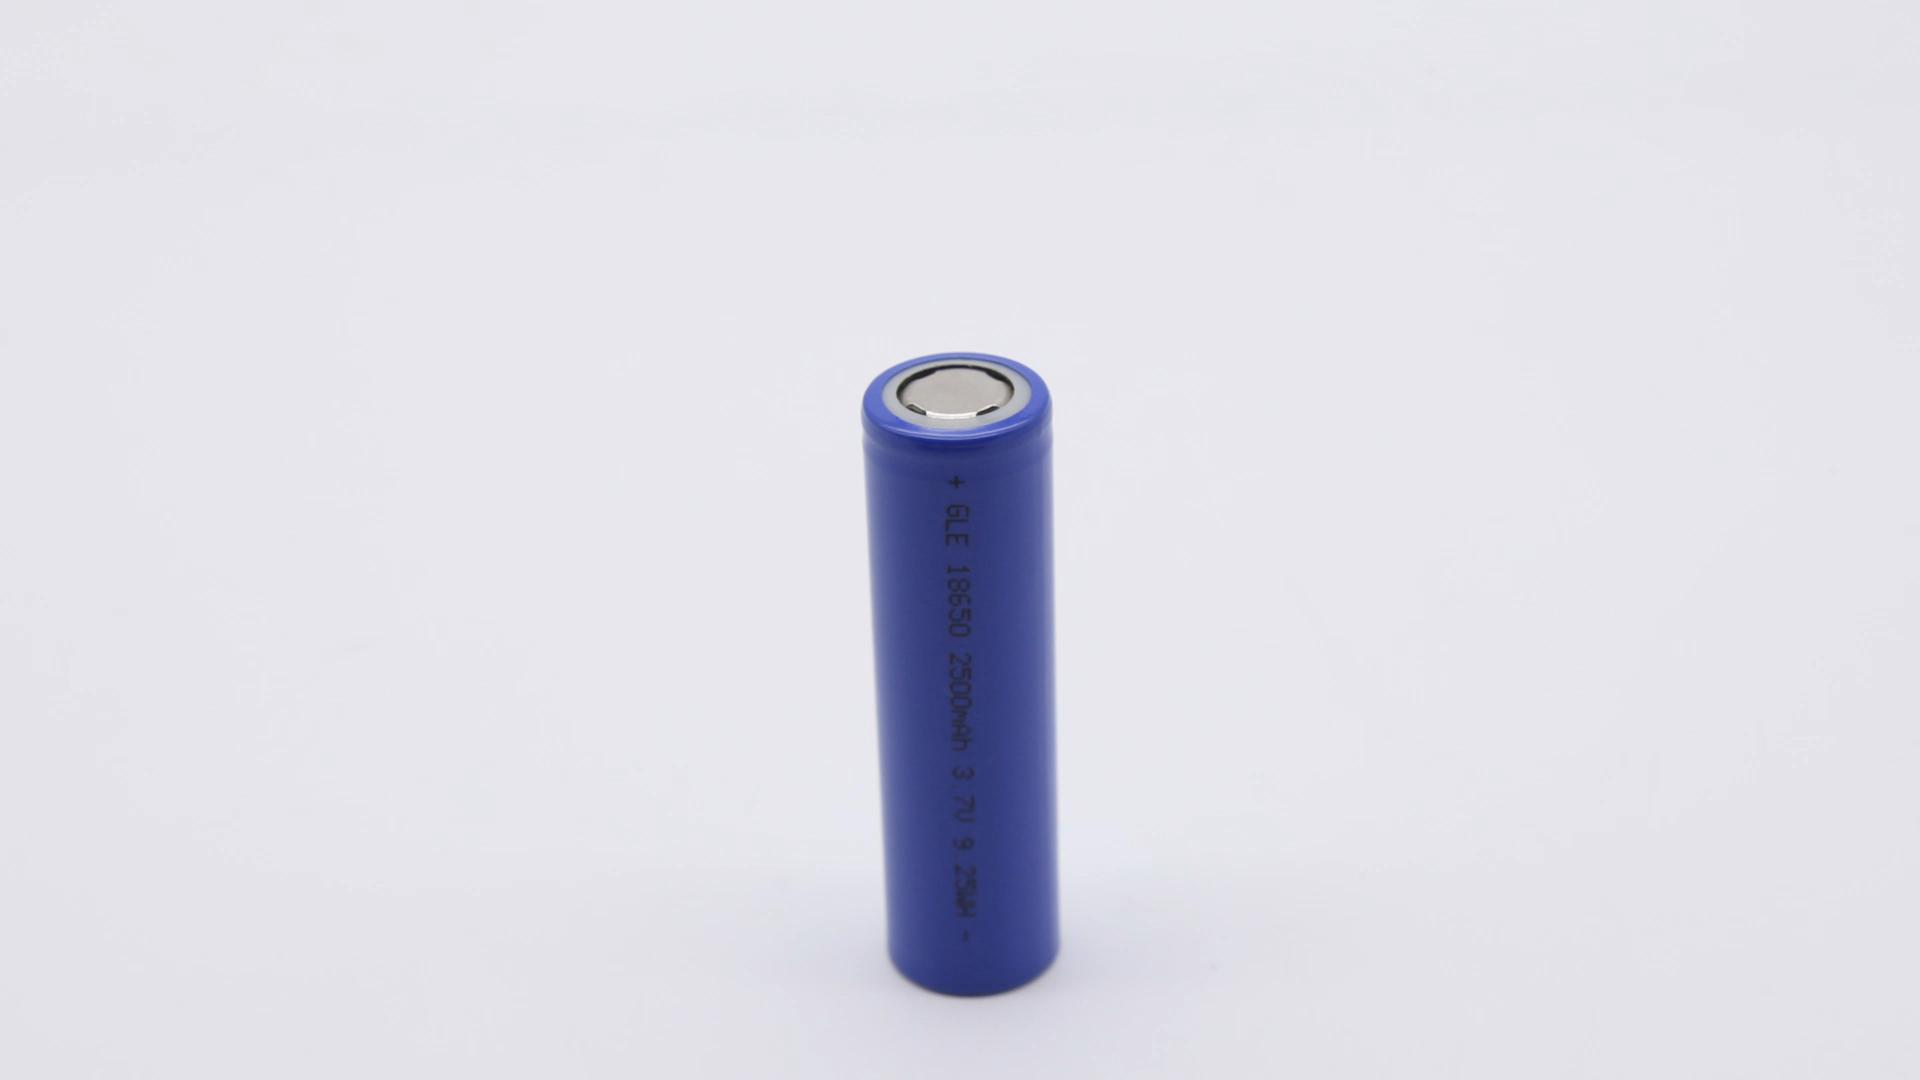 מכירה לוהטת על שוק גלילי ליתיום יון ifr 18650 1350mah 3.2v סוללה נטענת